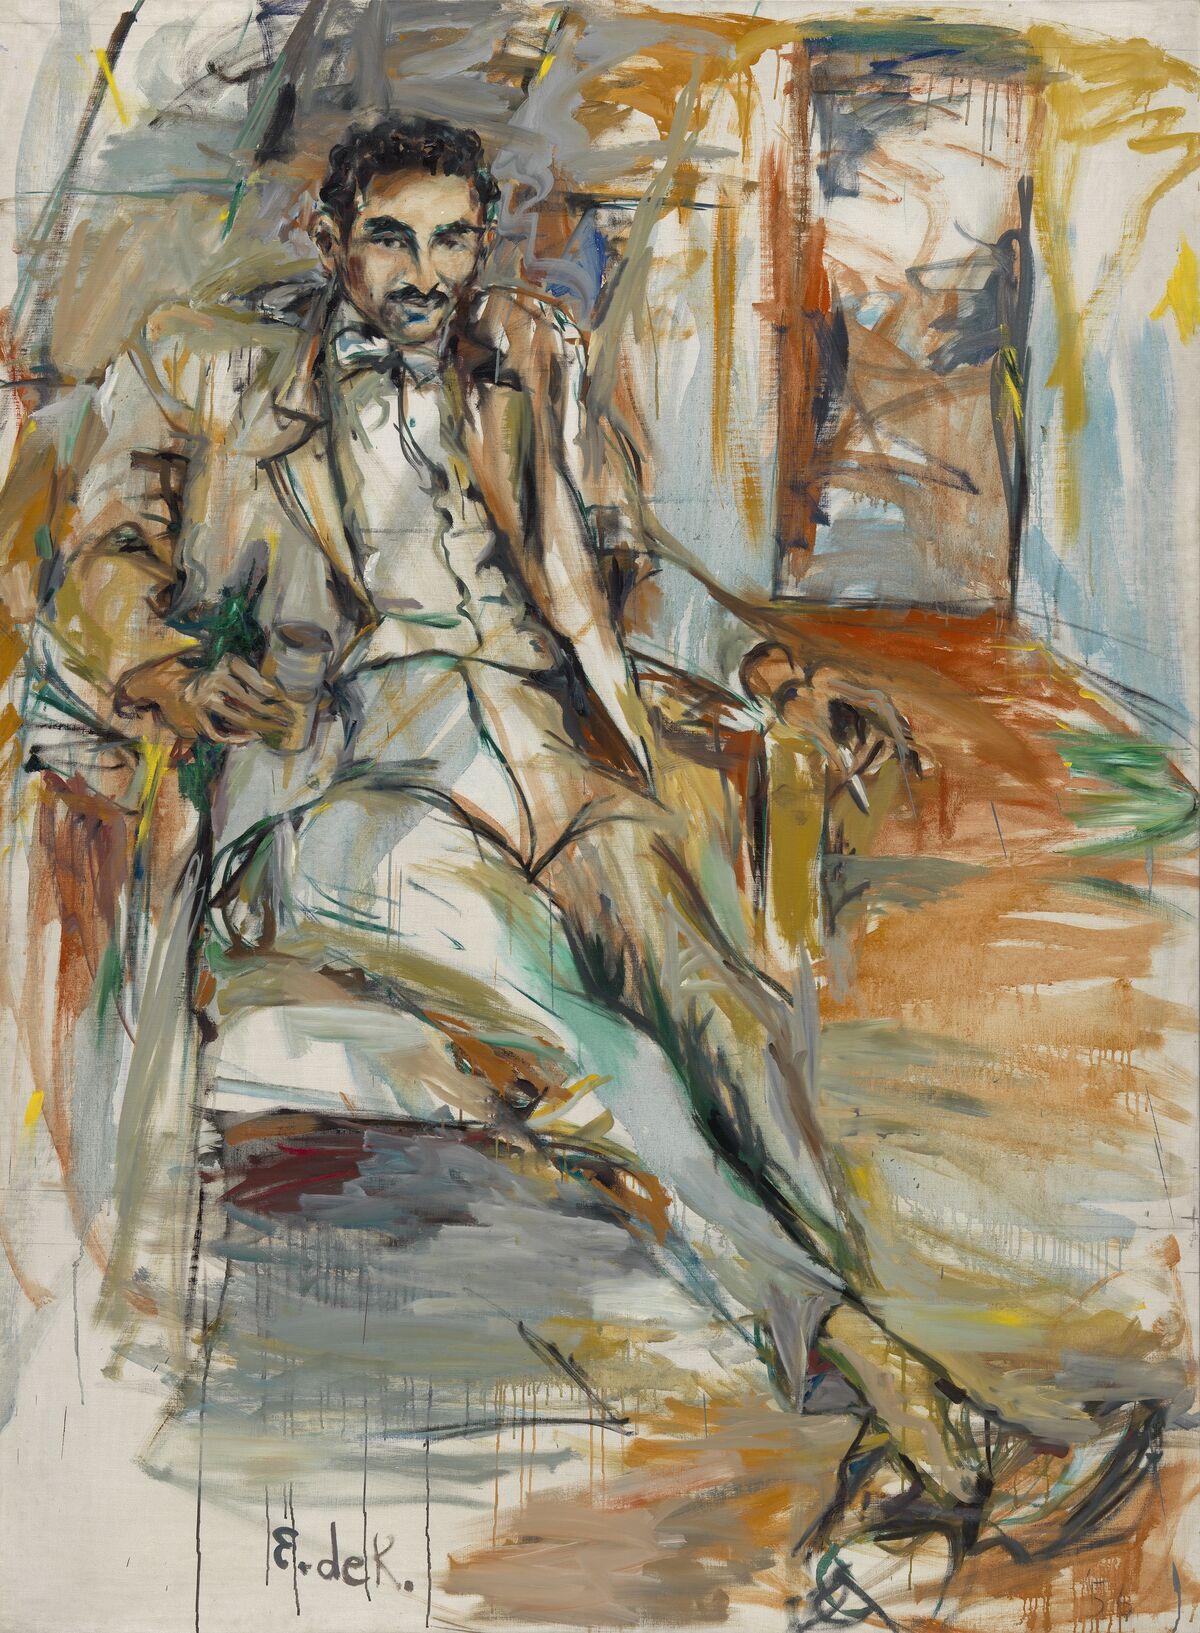 Elaine de Kooning, Harold Rosenberg #3, 1956. © Elaine de Kooning Trust. Courtesy of the National Portrait Gallery, Smithsonian Institution.